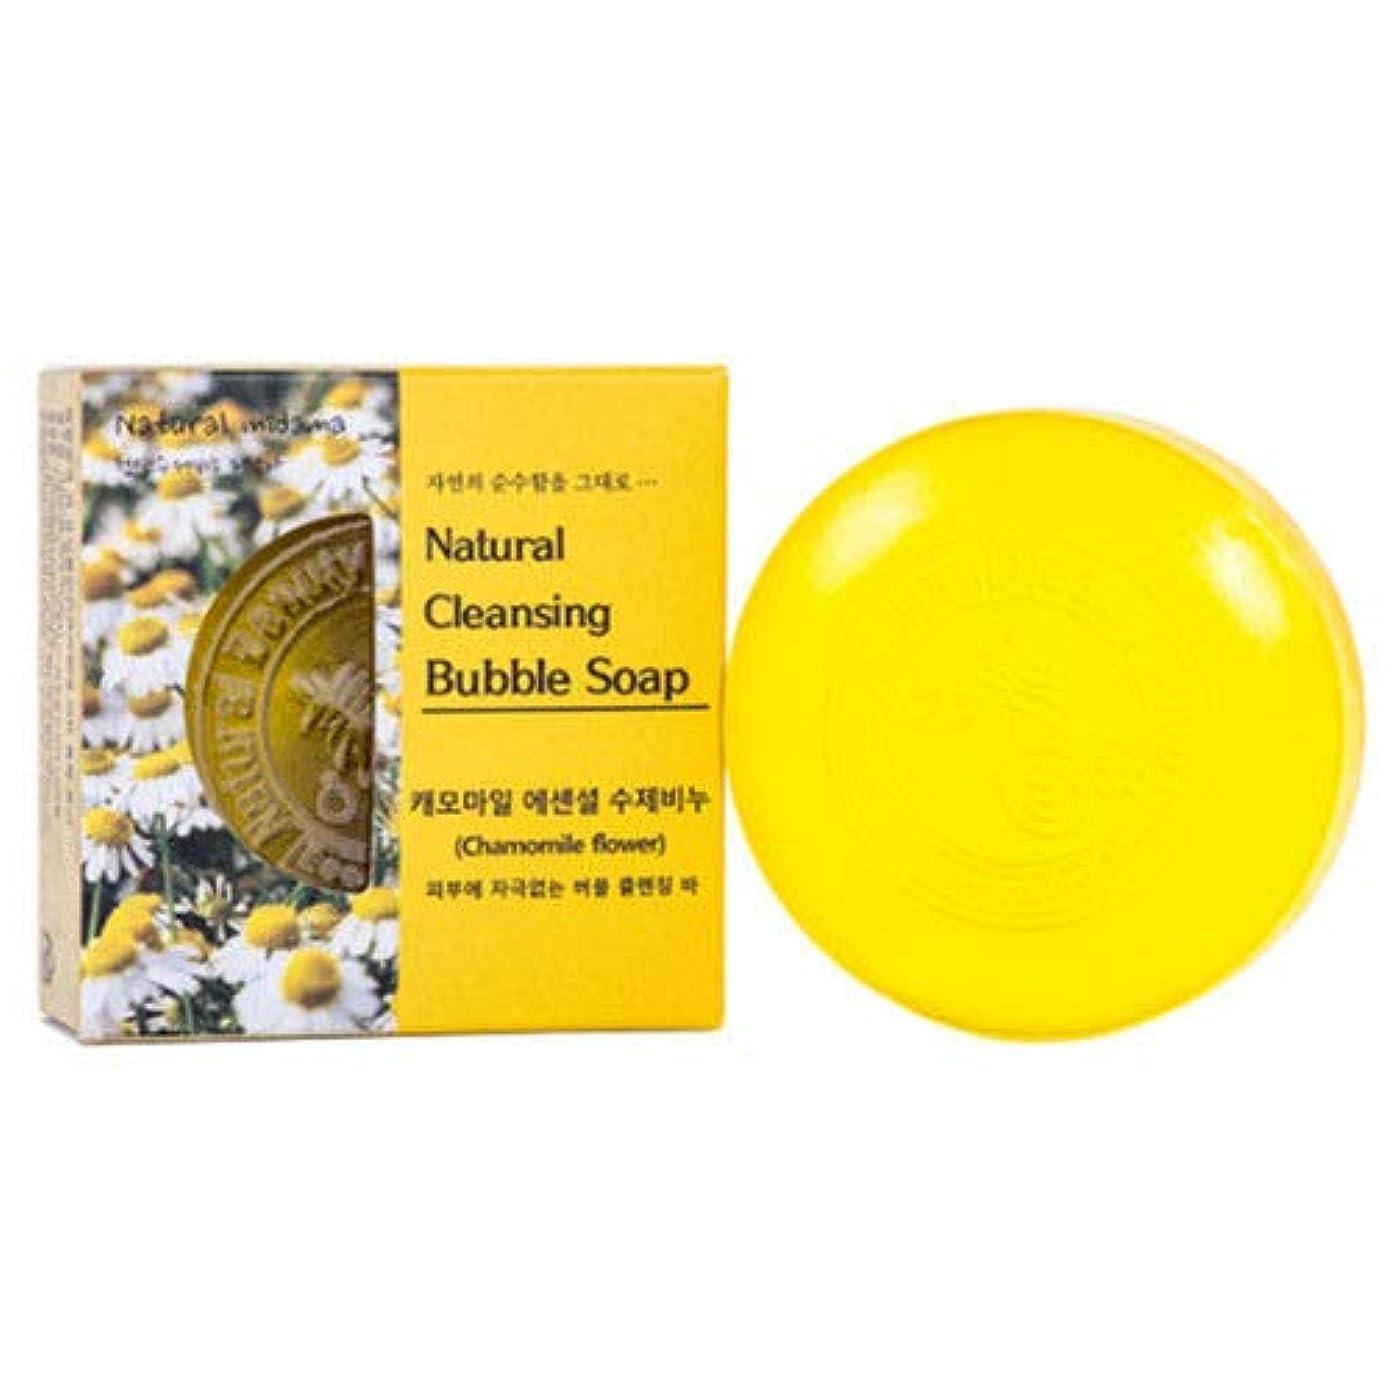 残酷サイズペン天然 石鹸 ナチュラル バブル クレンジング バー/カモマイル ローズ ラベンダー せっけん Herb Oil Skin Soap 100g [並行輸入品] (カモマイル)